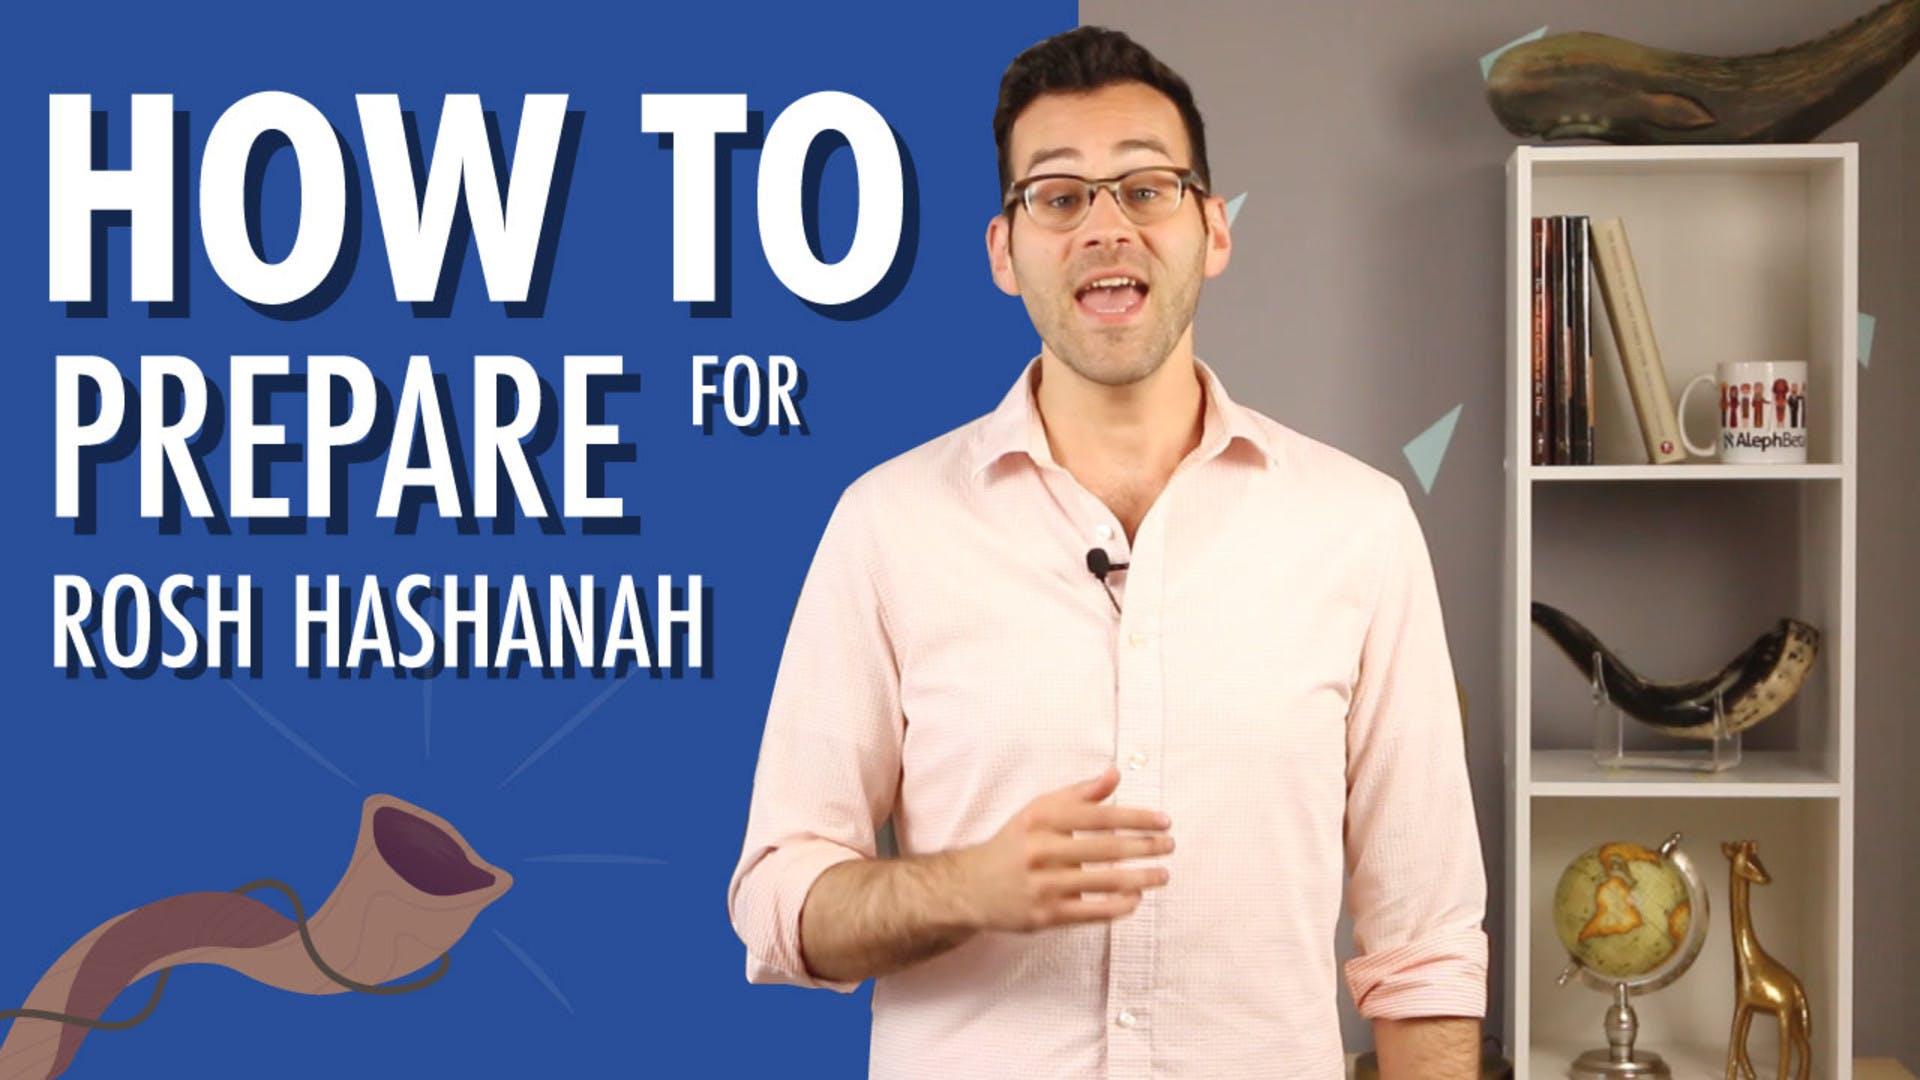 Spiritual preparation for rosh hashanah